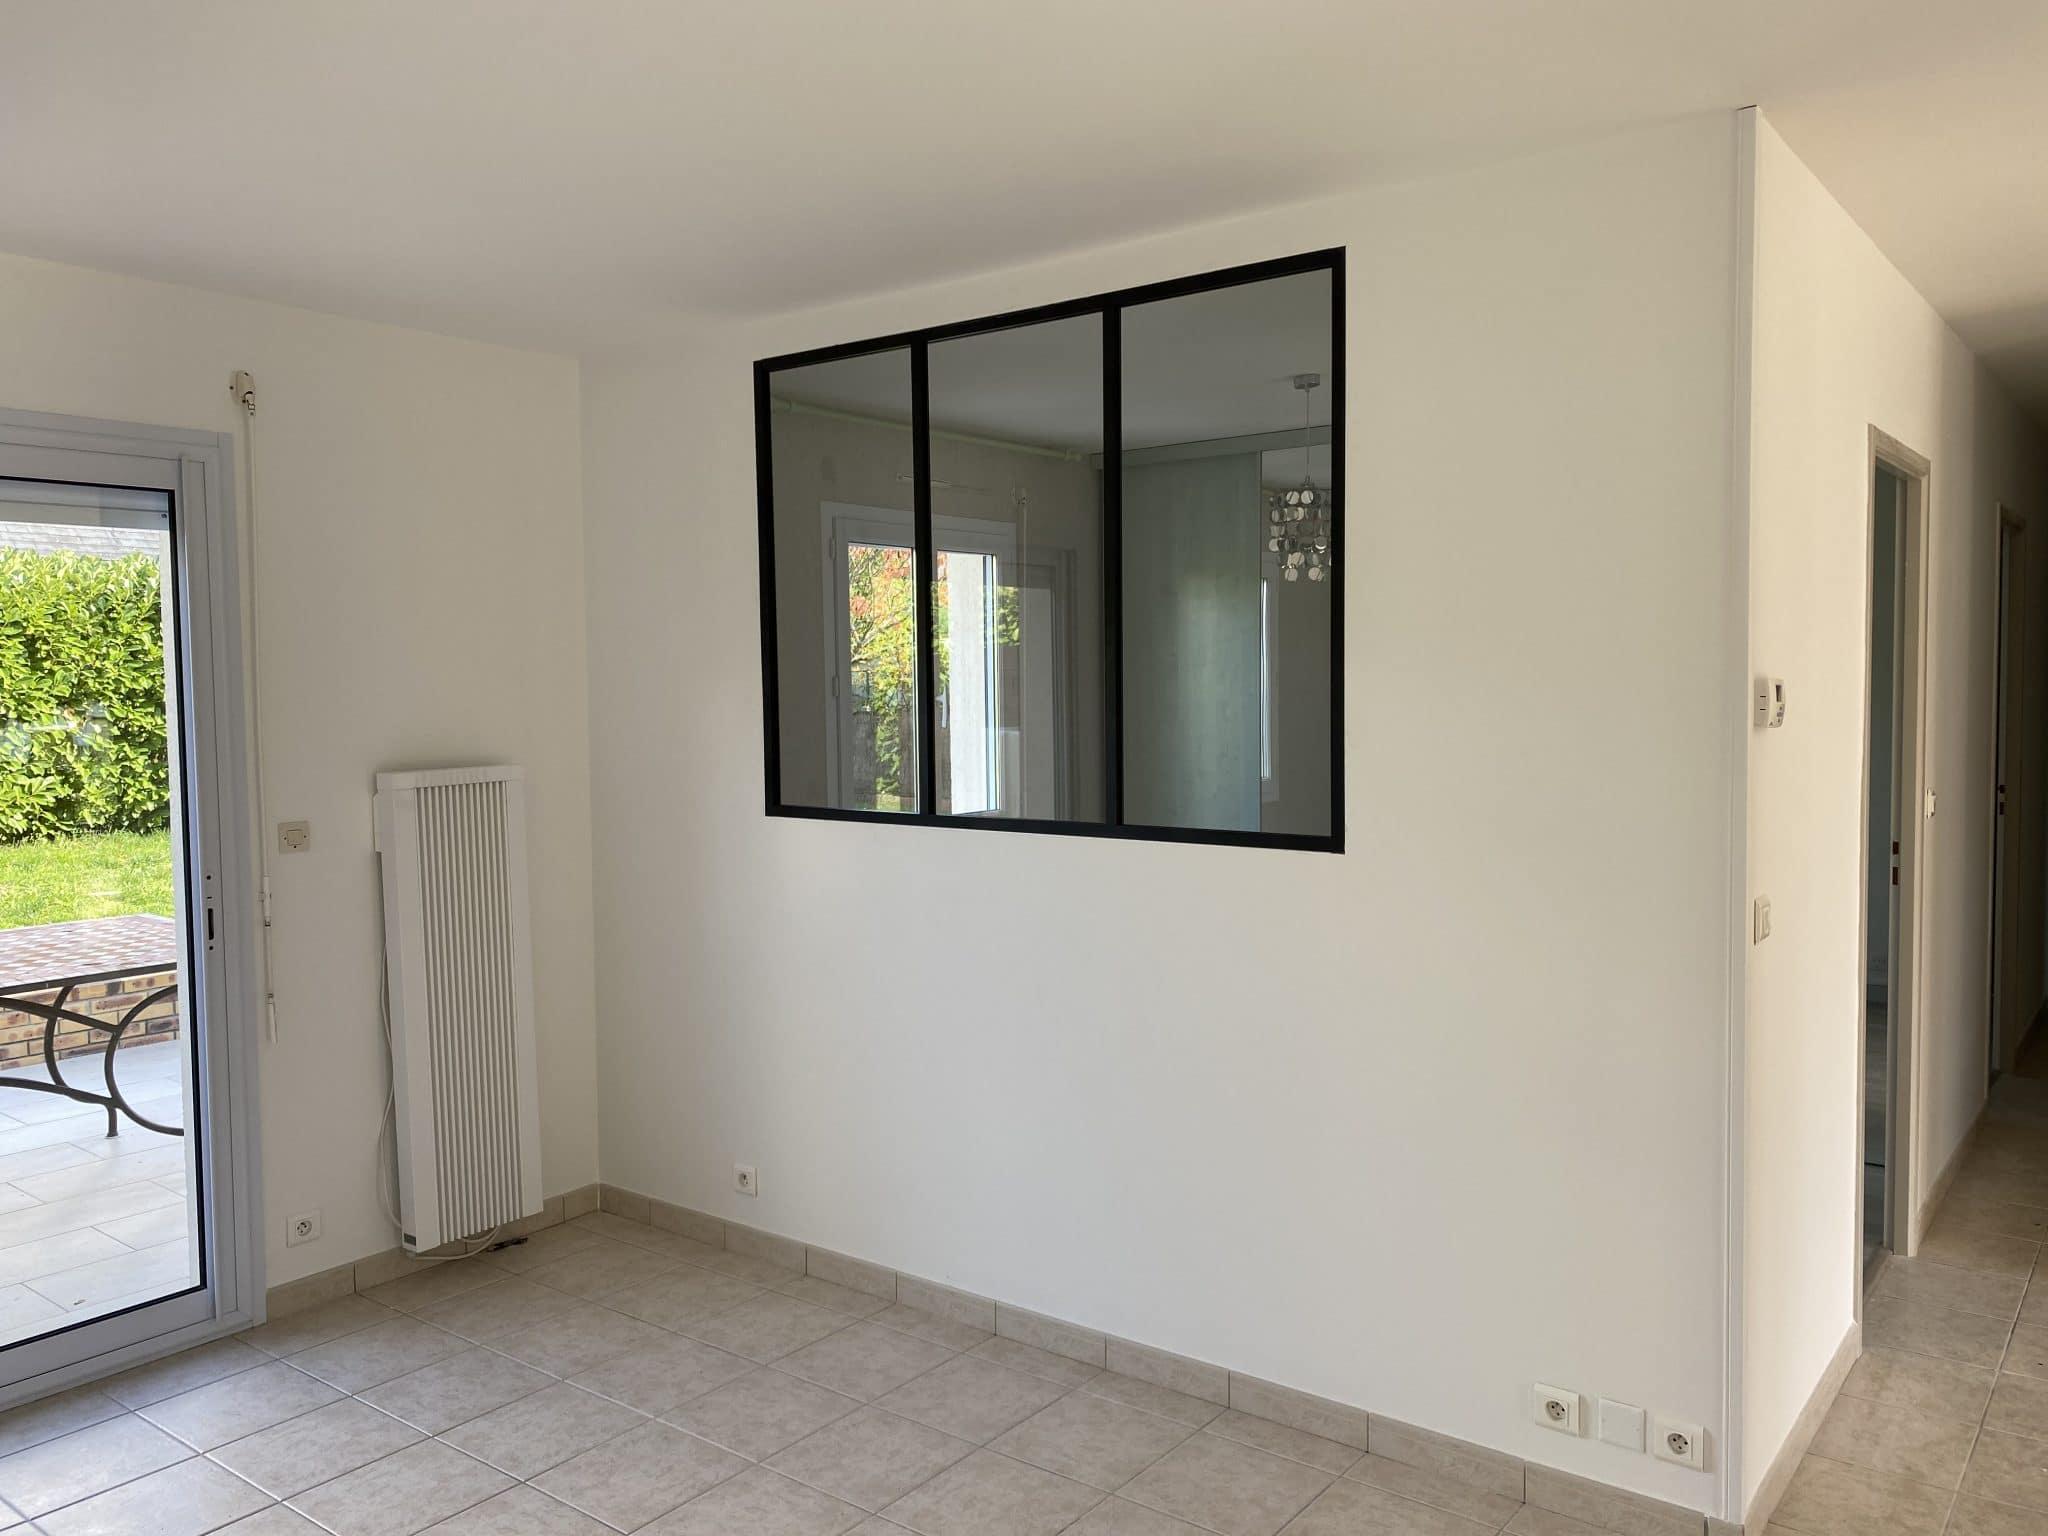 Rénovation partielle d'une maison à Luynes (37)